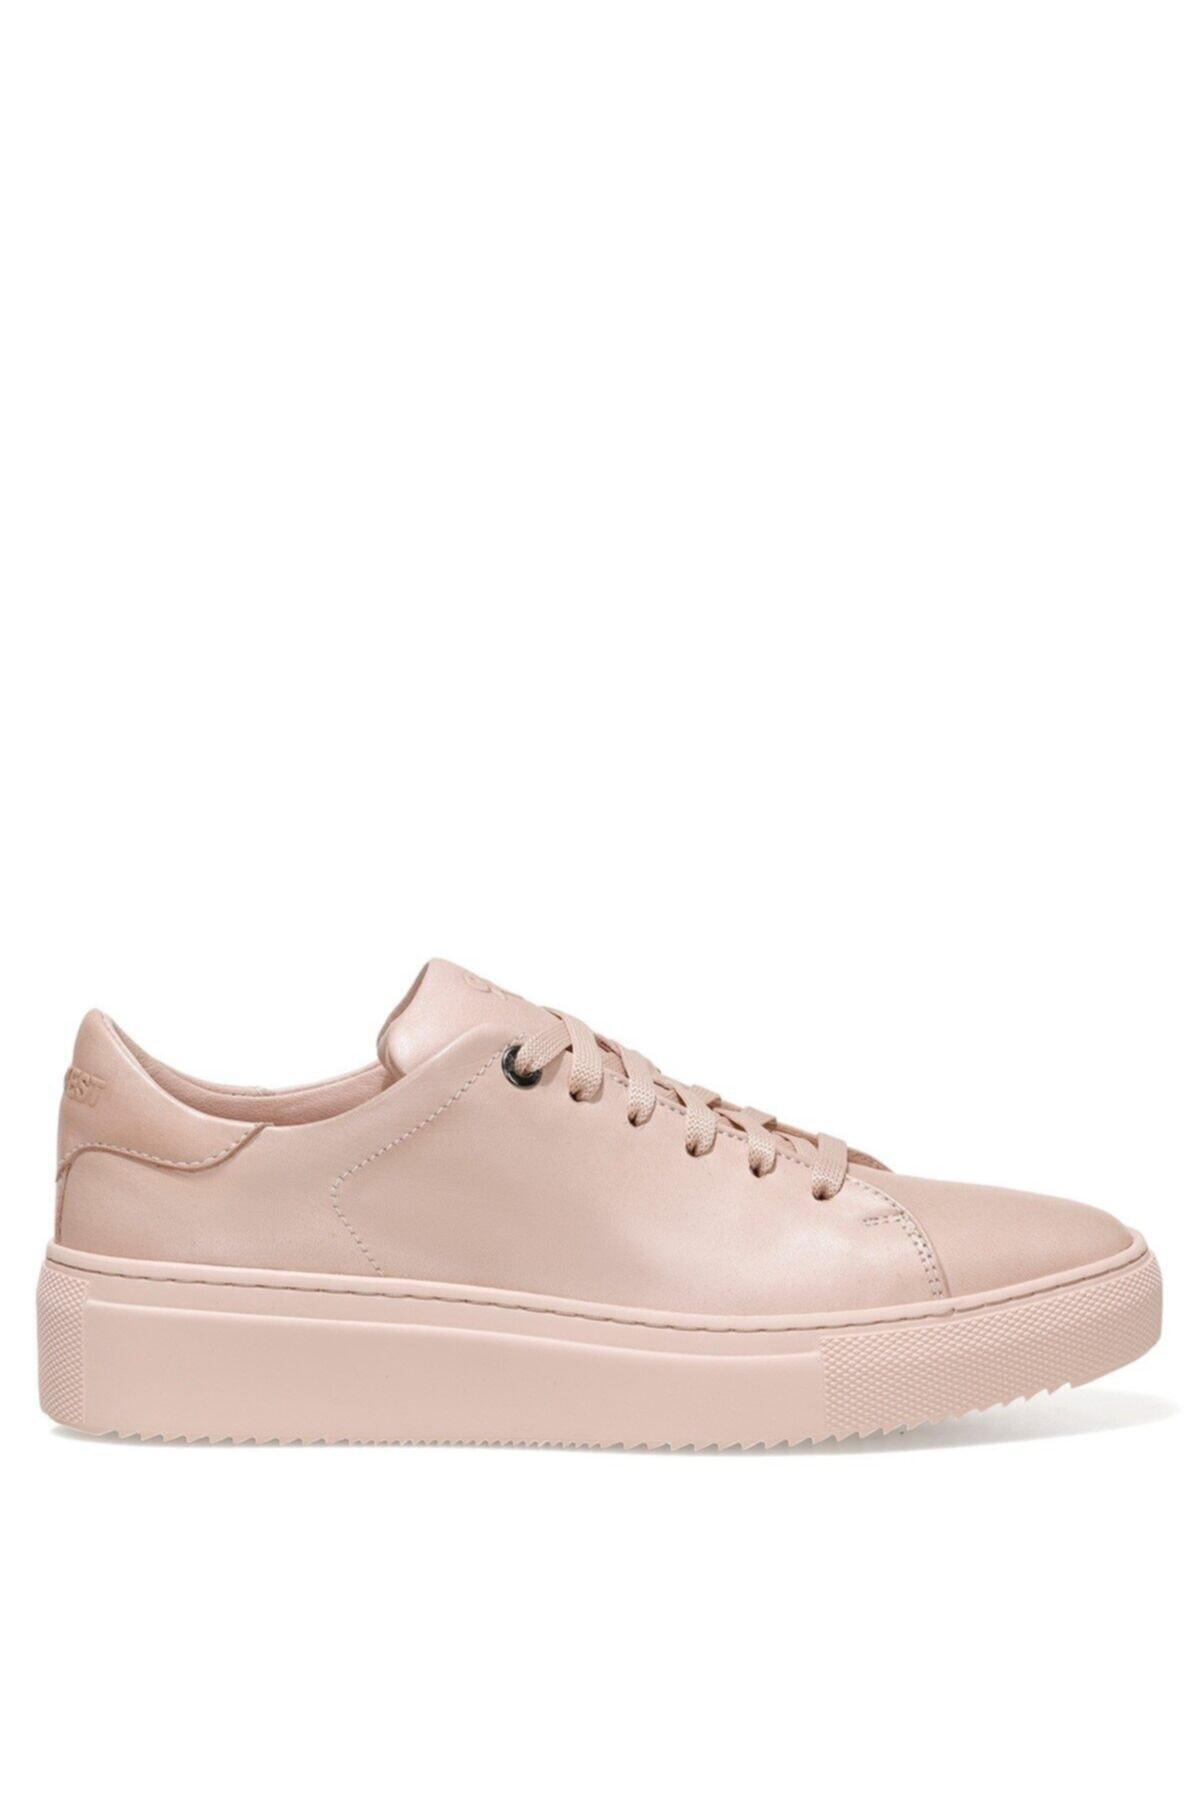 Nine West POFEDA 1FX Somon Kadın Havuz Taban Sneaker 101031048 1